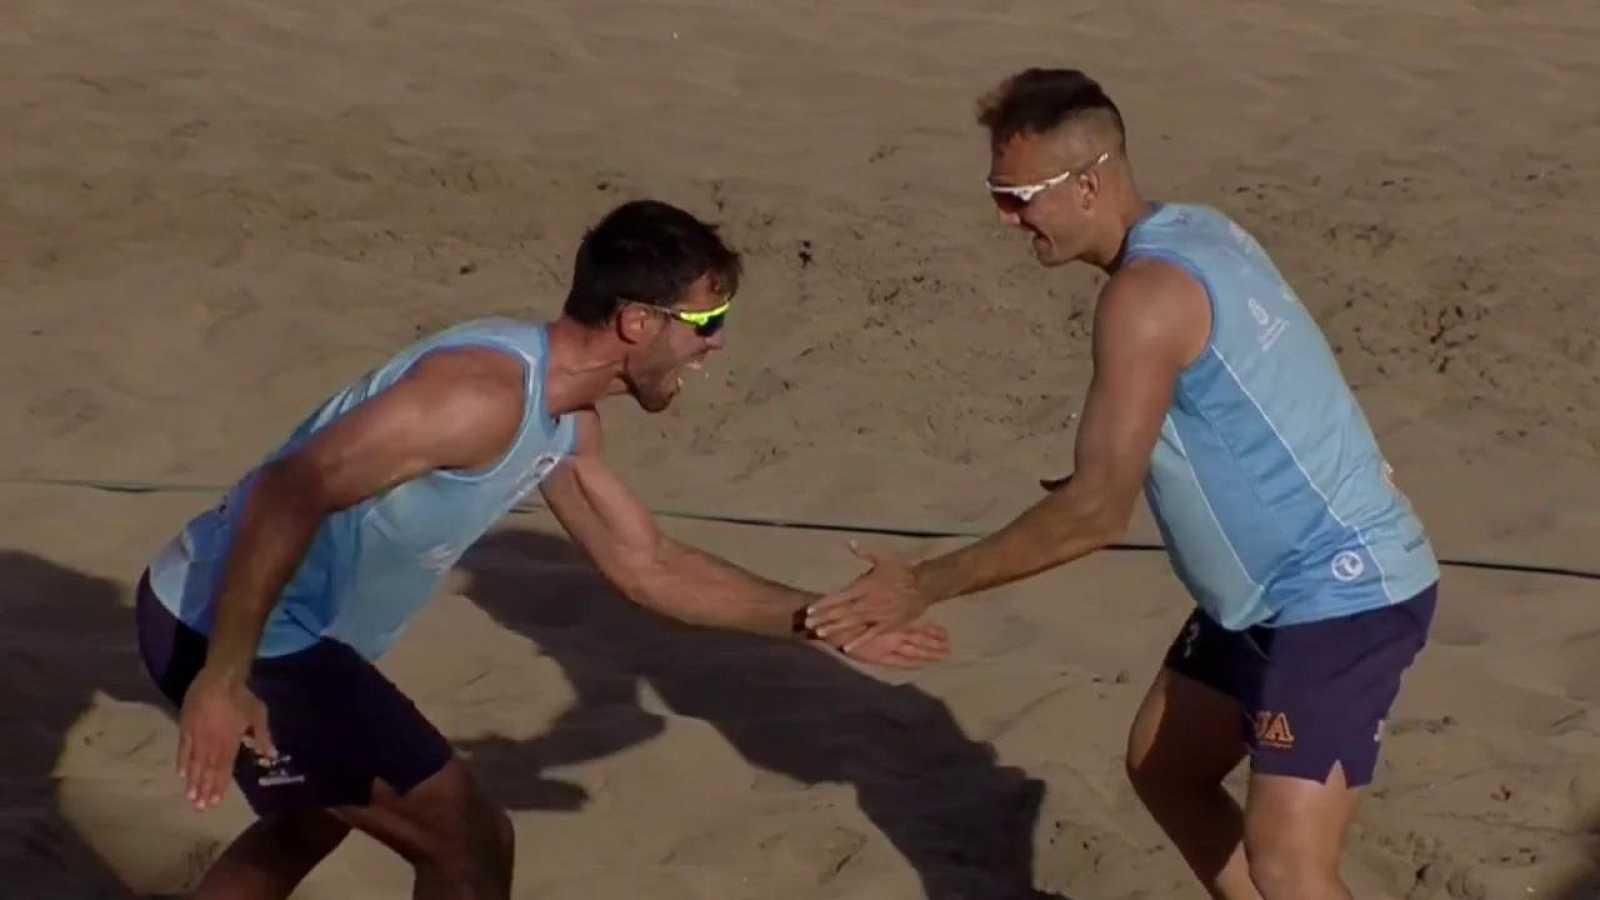 Vóley playa - Madison Beach Voley Tour 2019 'Copa de la Reina' y 'Copa del Rey' Resumen - ver ahora